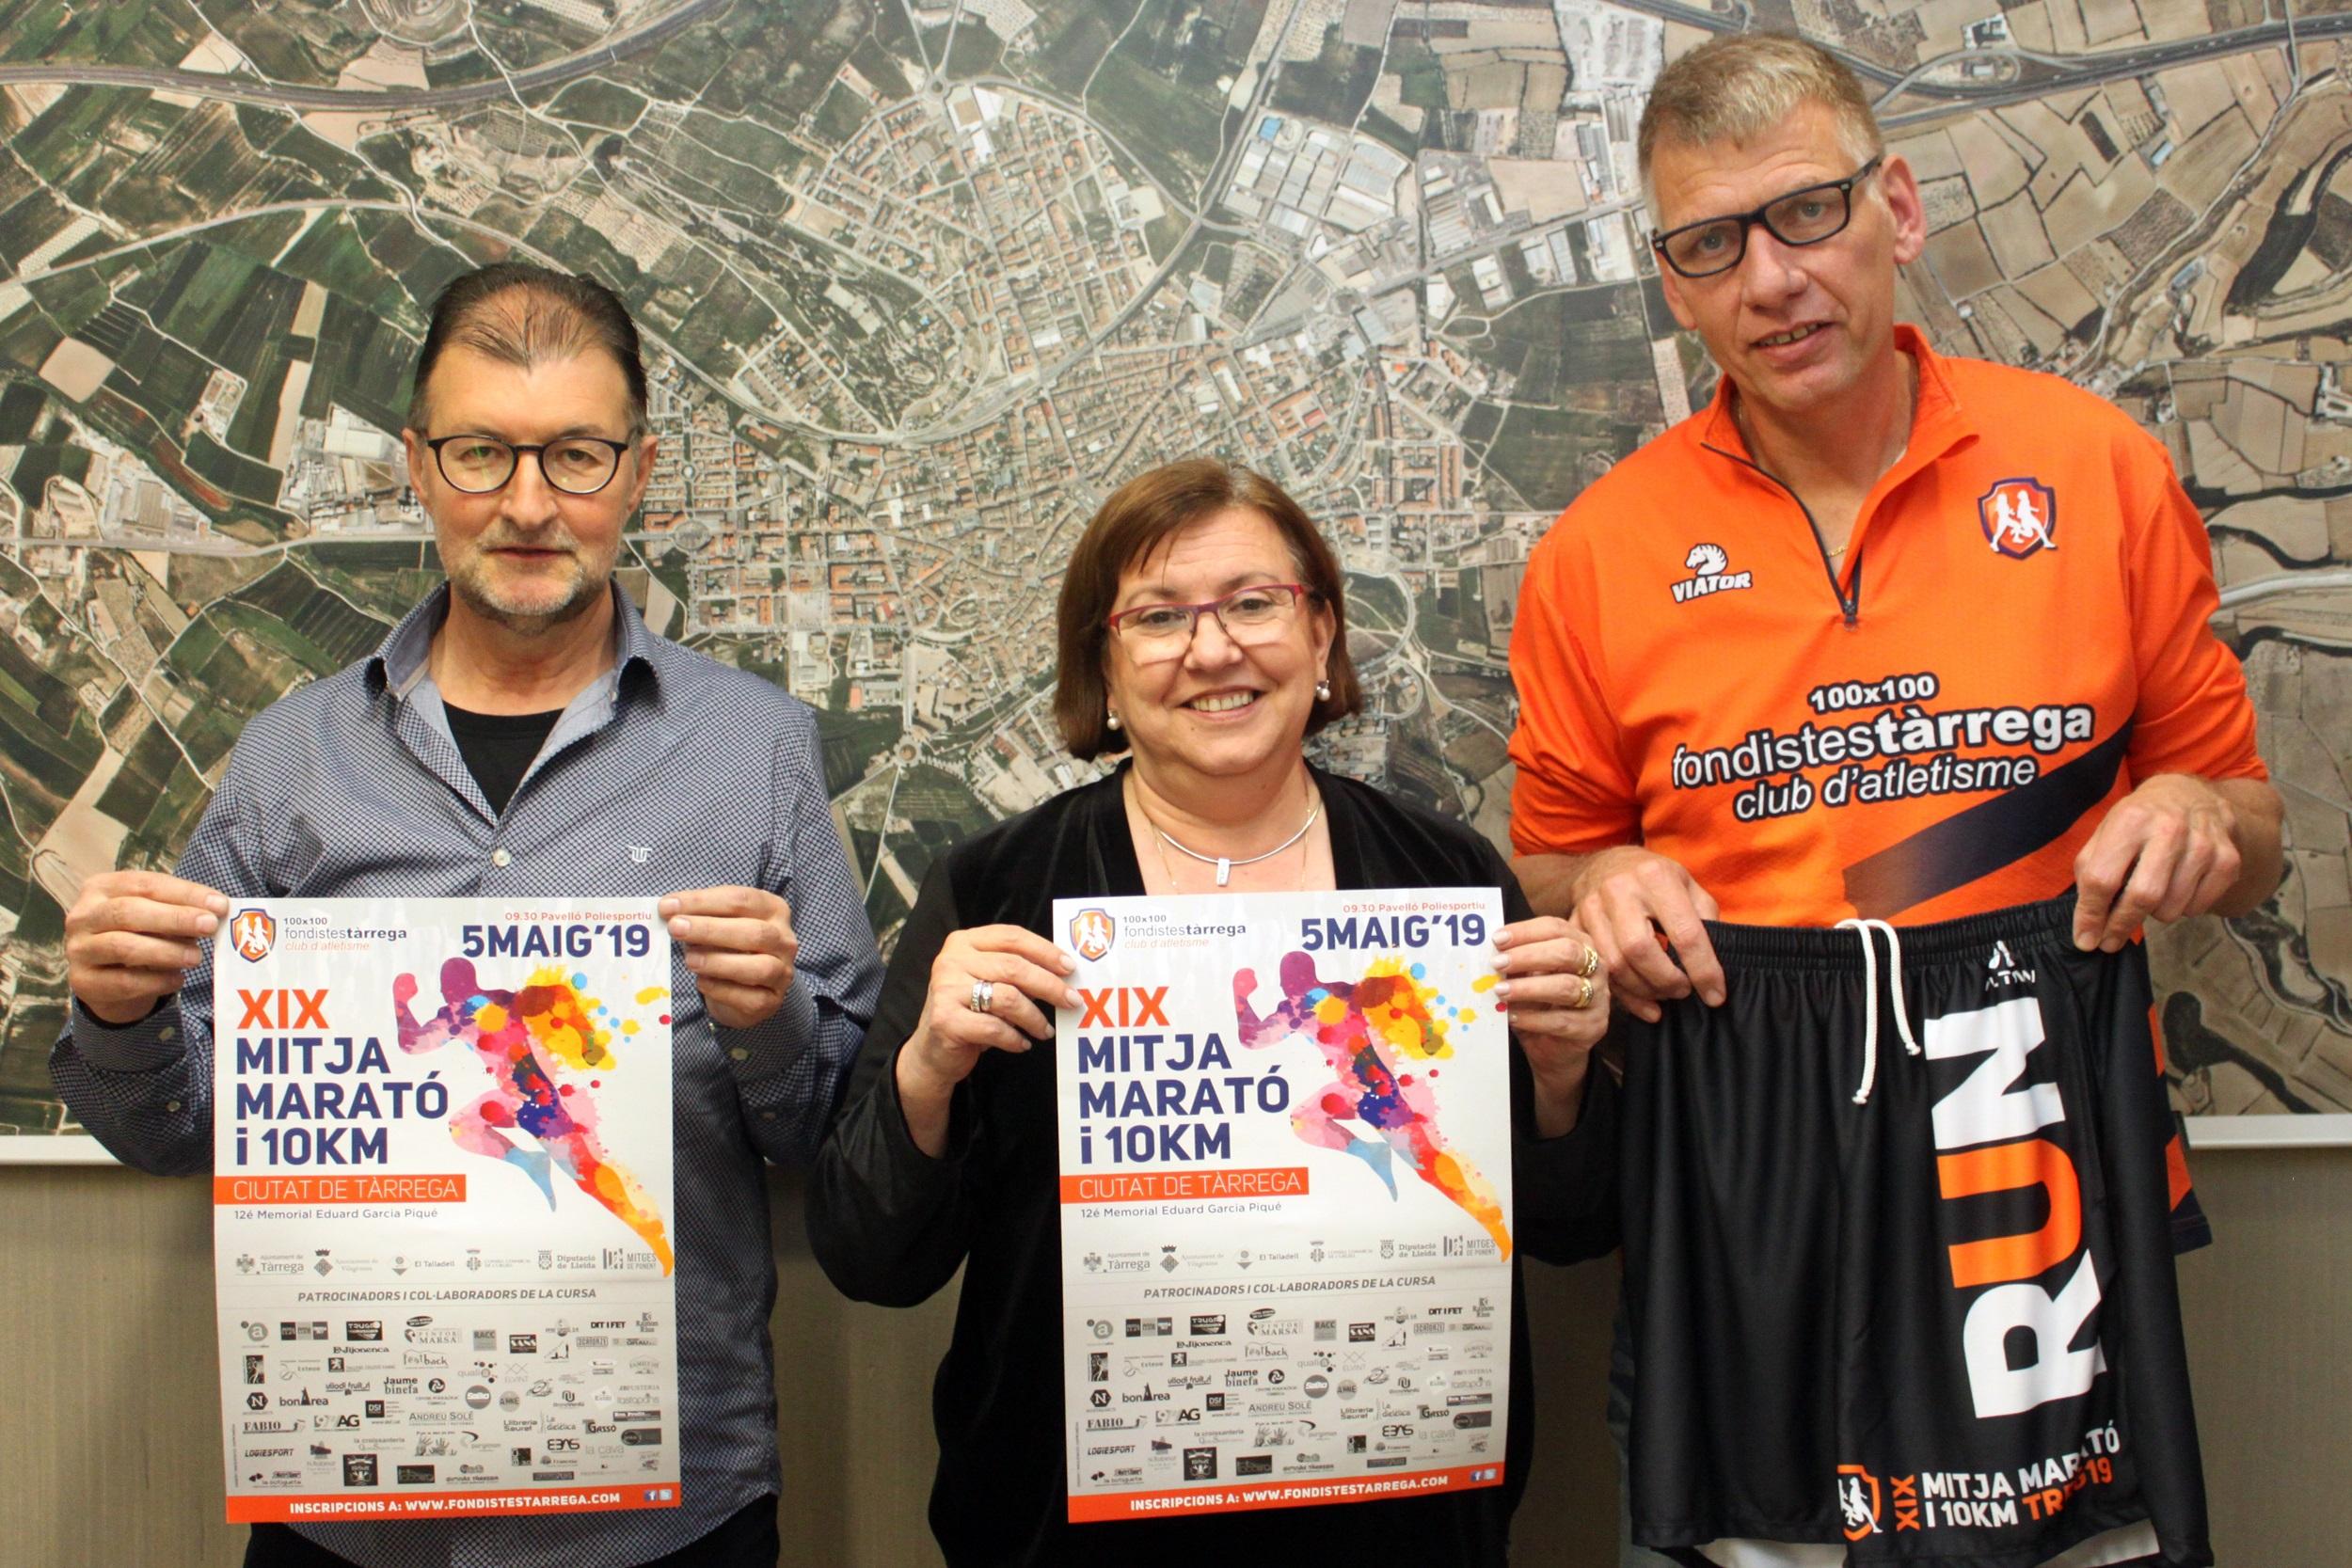 La 19a Mitja Marató i 10 KM Ciutat de Tàrrega, preveu superar els 600 atletes participants